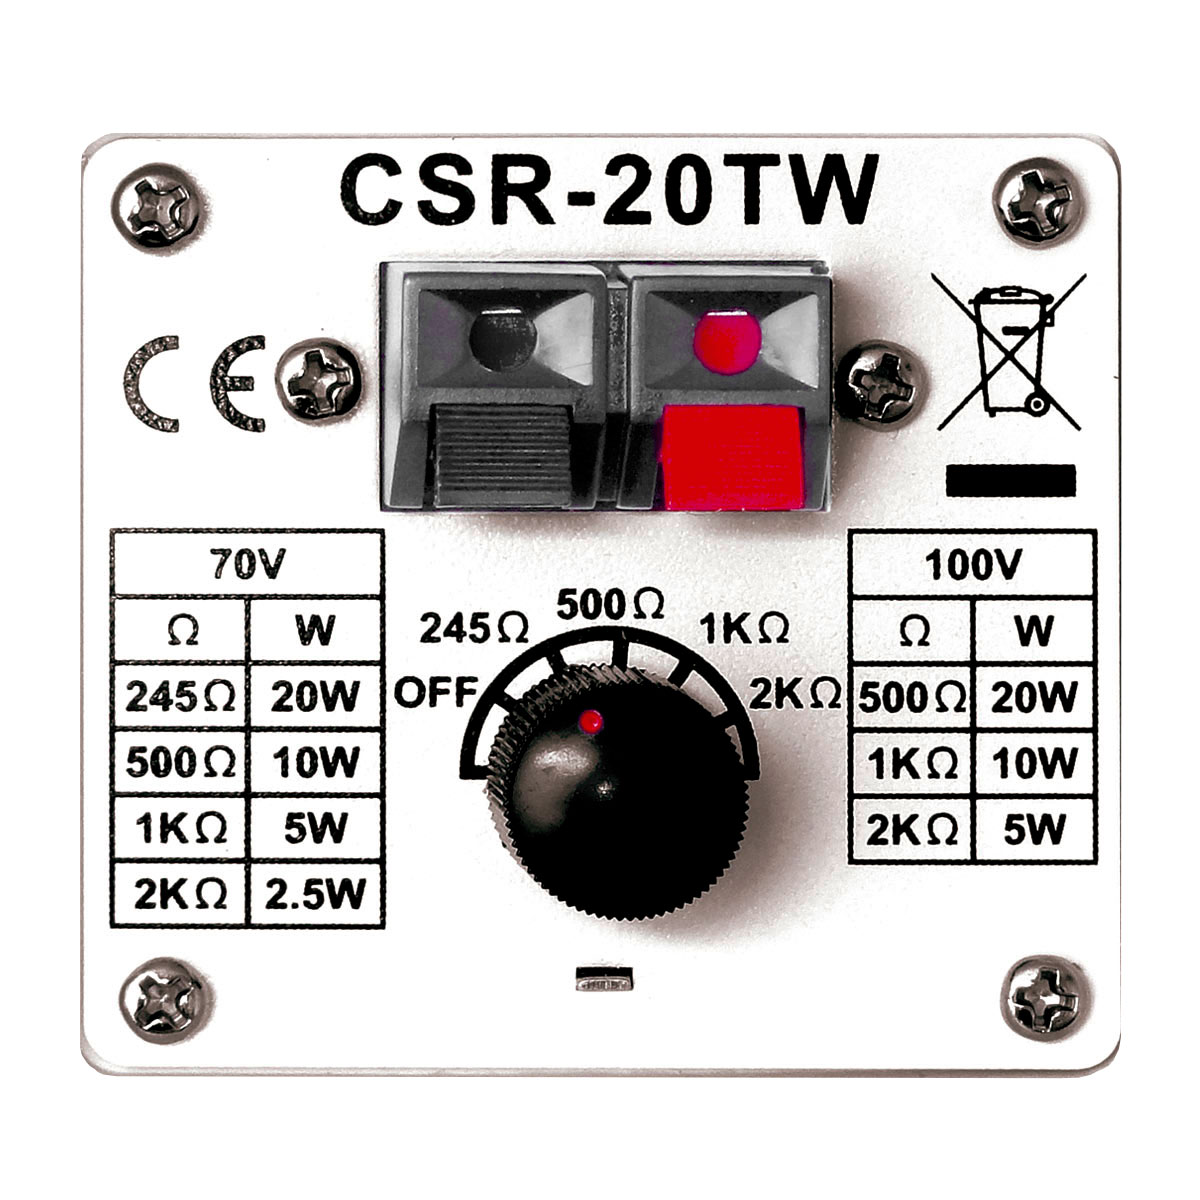 CSR20TW - Caixa Passiva 20W Branca c/ Suporte ( Par ) CSR 20 TW - CSR